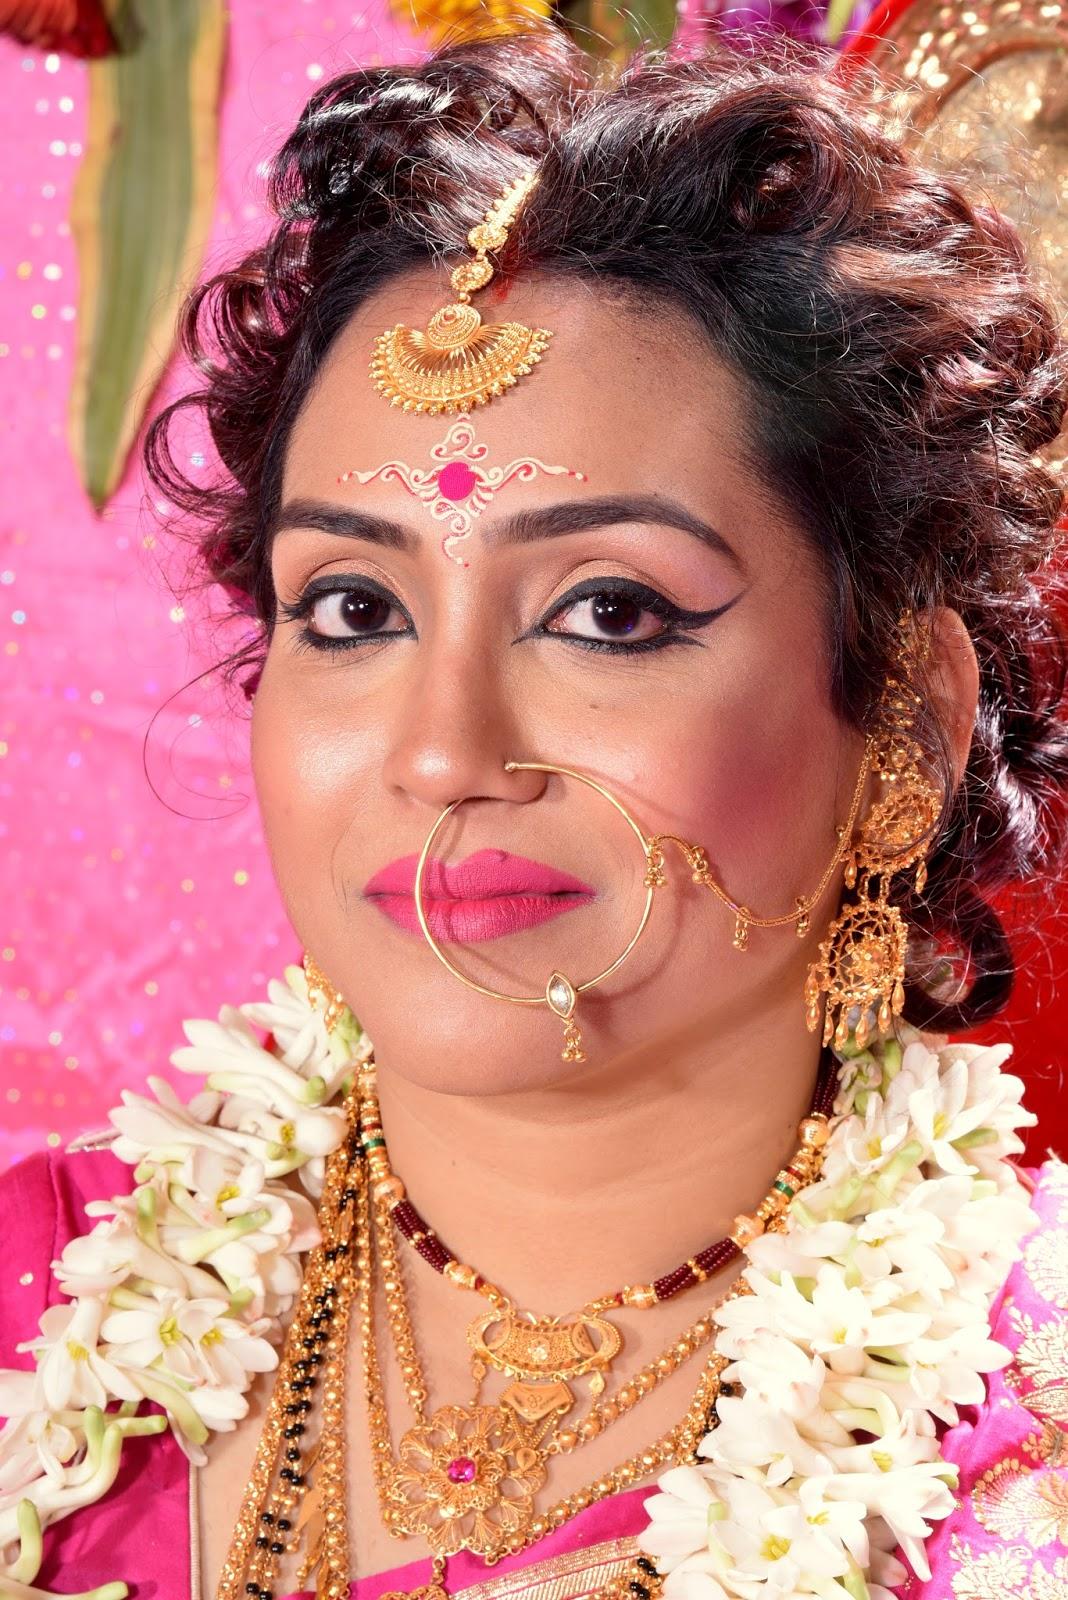 Bridal Banter Ethereal Bengali Bridal Beauty Riya Nandi Hom Roy